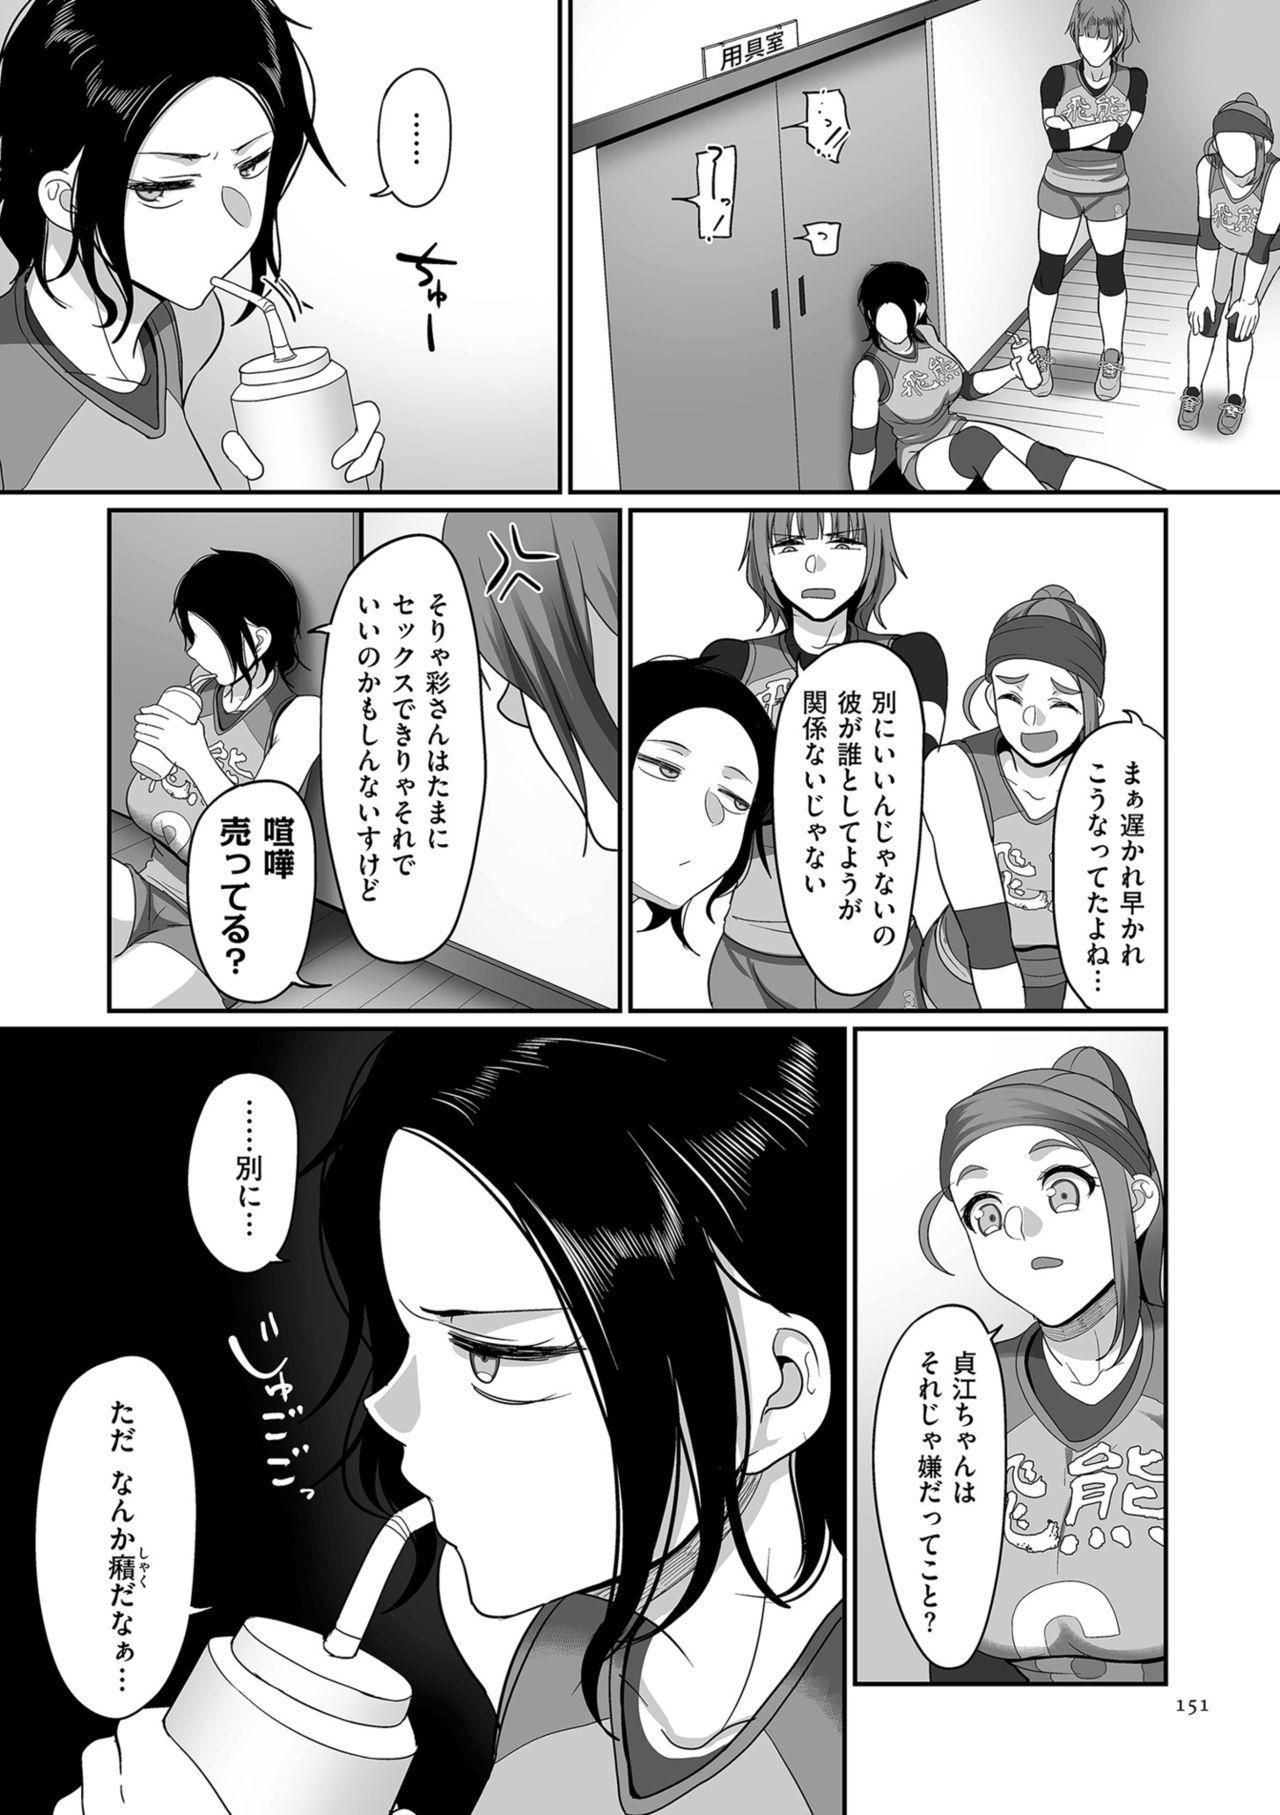 [Yamamoto Zenzen] S-ken K-shi Shakaijin Joshi Volleyball Circle no Jijou [Digital] 150